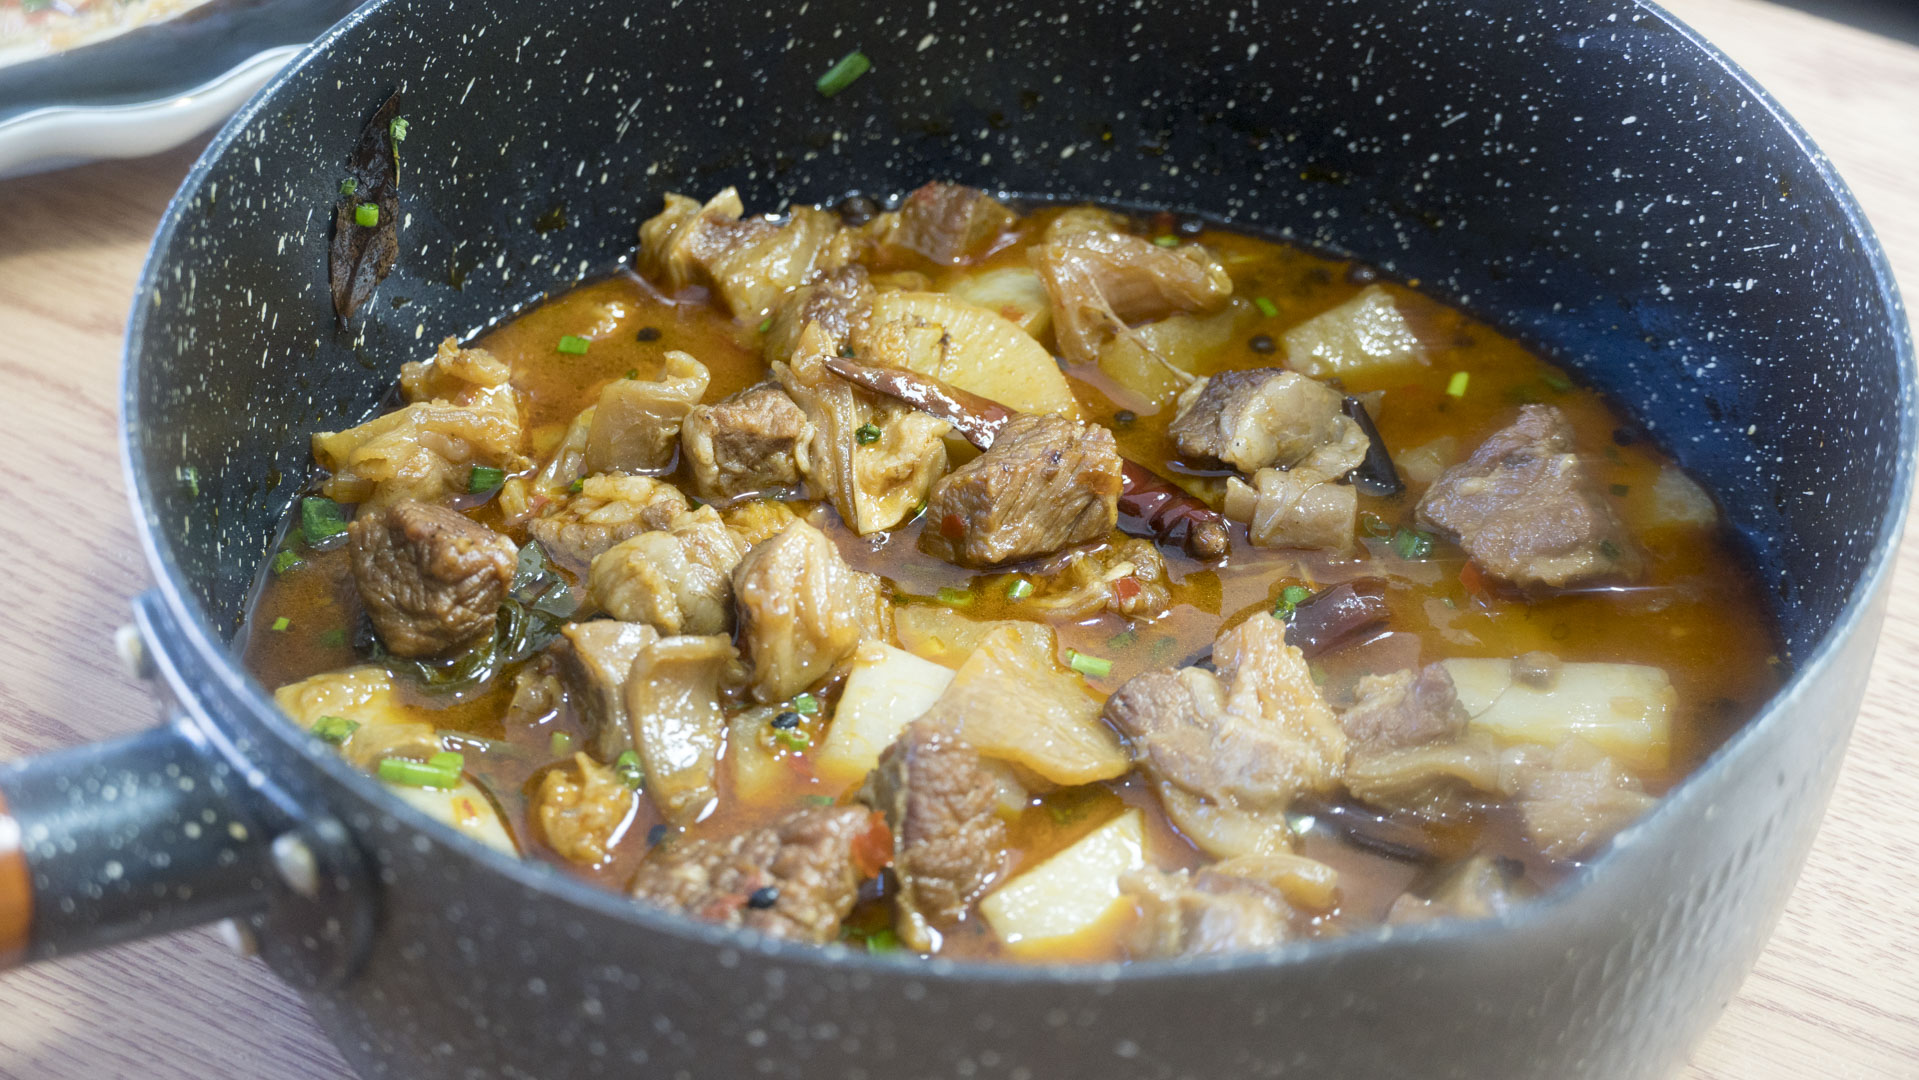 4道家常炖菜,天冷了来一锅,有菜有汤,热热乎乎,边吃边出汗